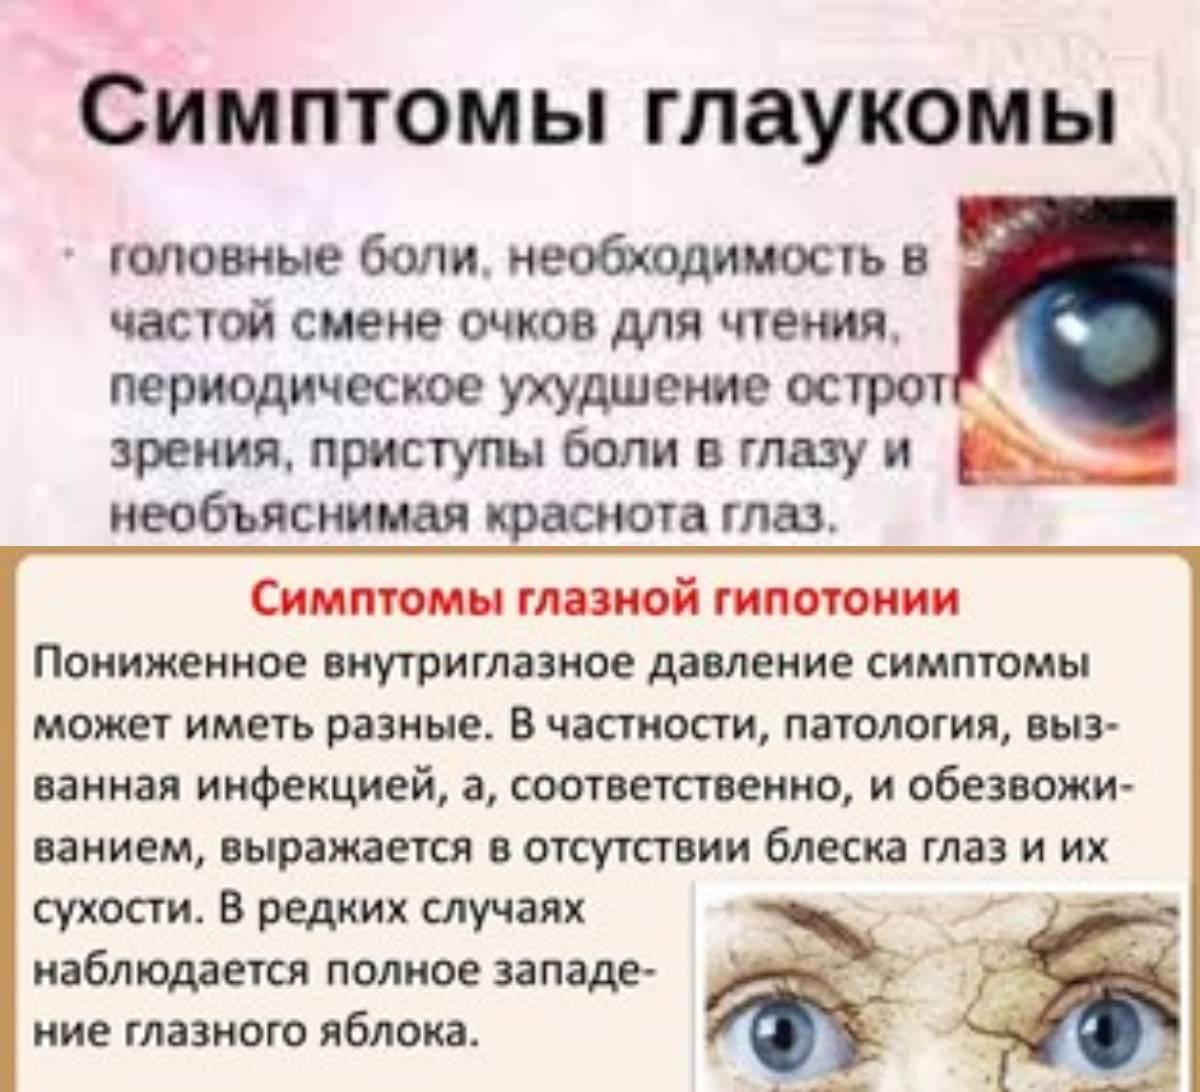 Симптомы и лечение глаукомы народными средствами и методами в домашних условиях